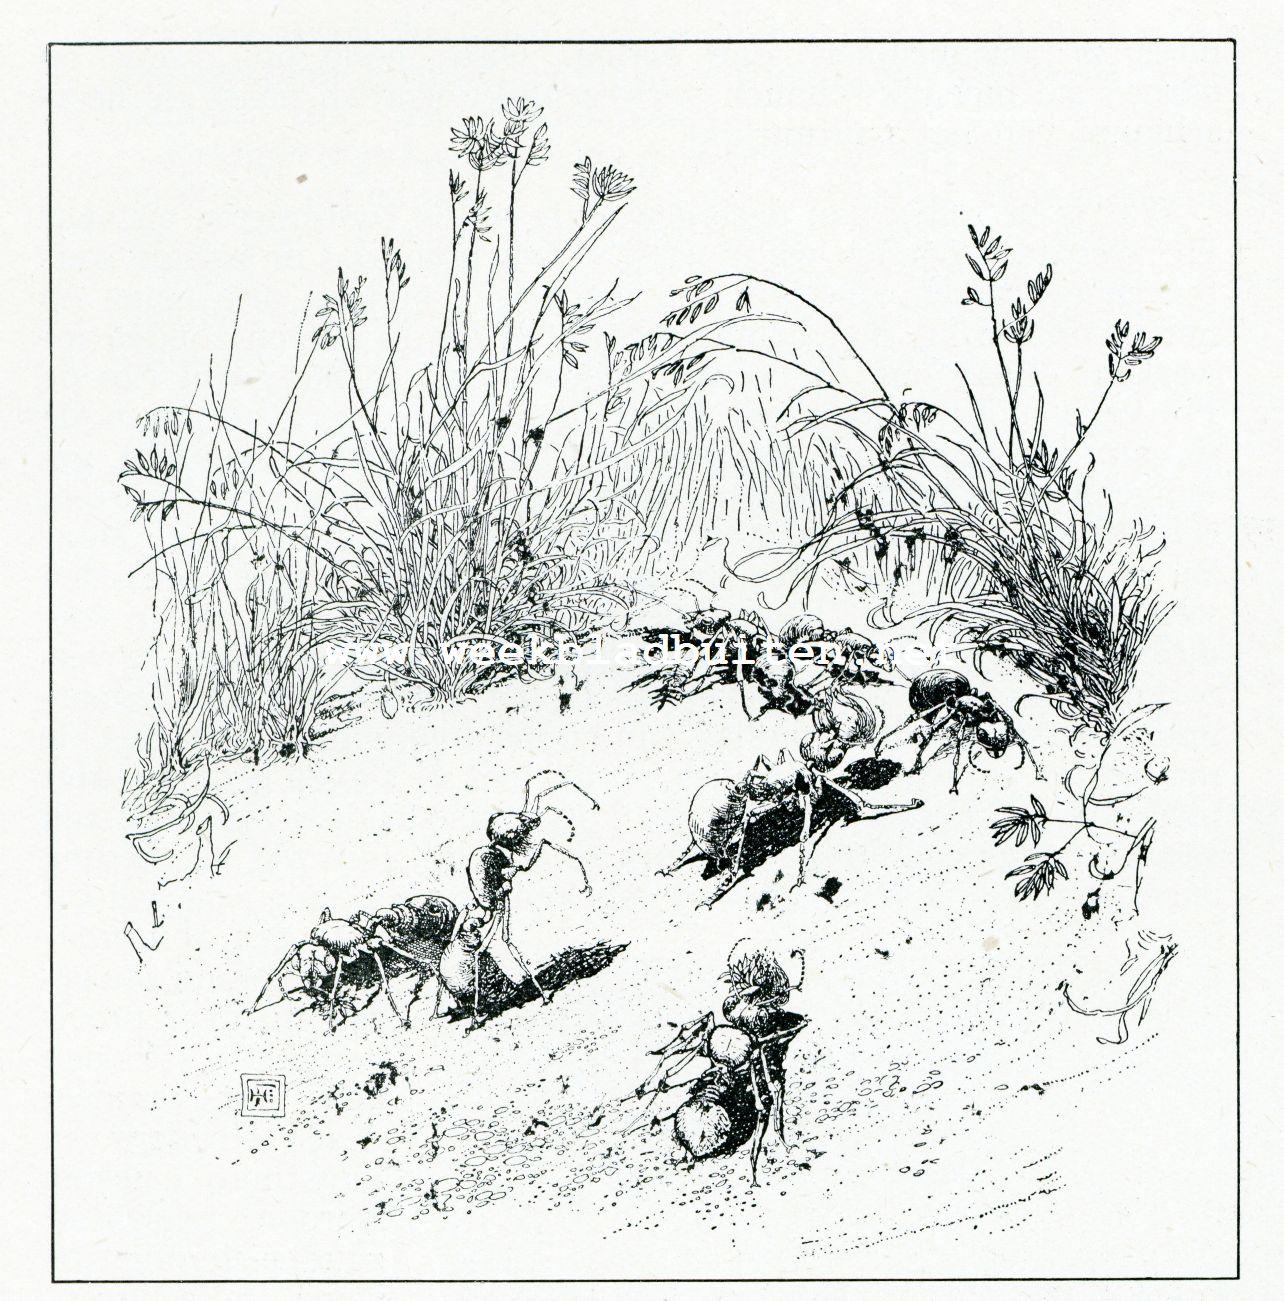 Bij de mieren. In een oogstveld. De mieren zamelen buffelgras